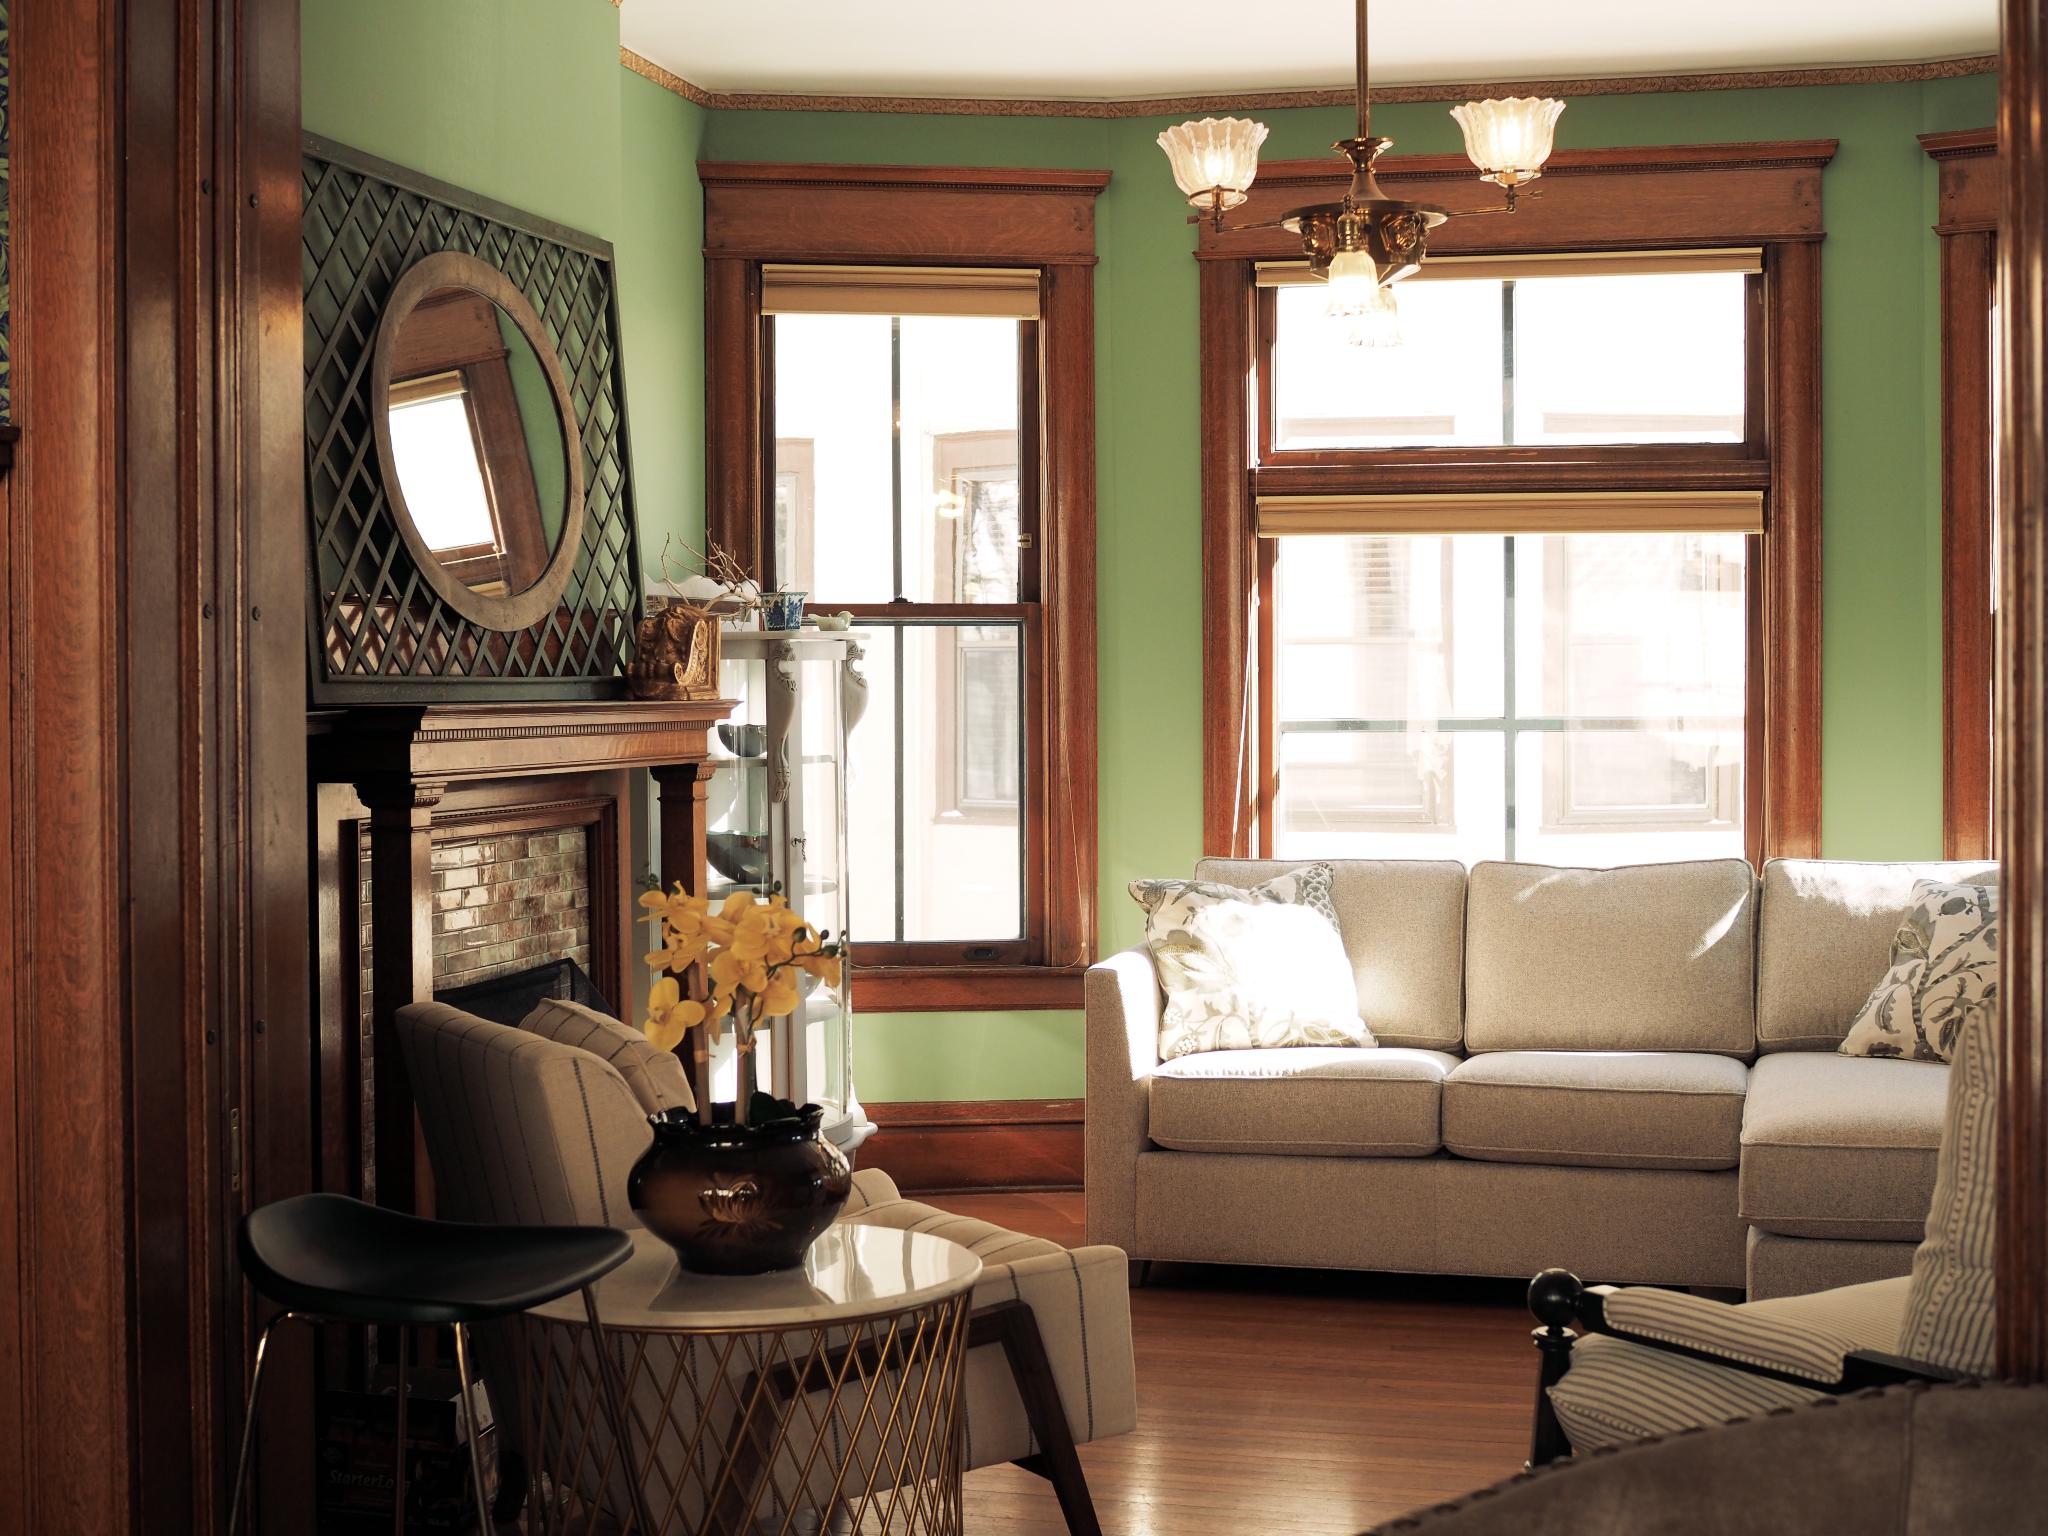 livingroom2_1.jpg